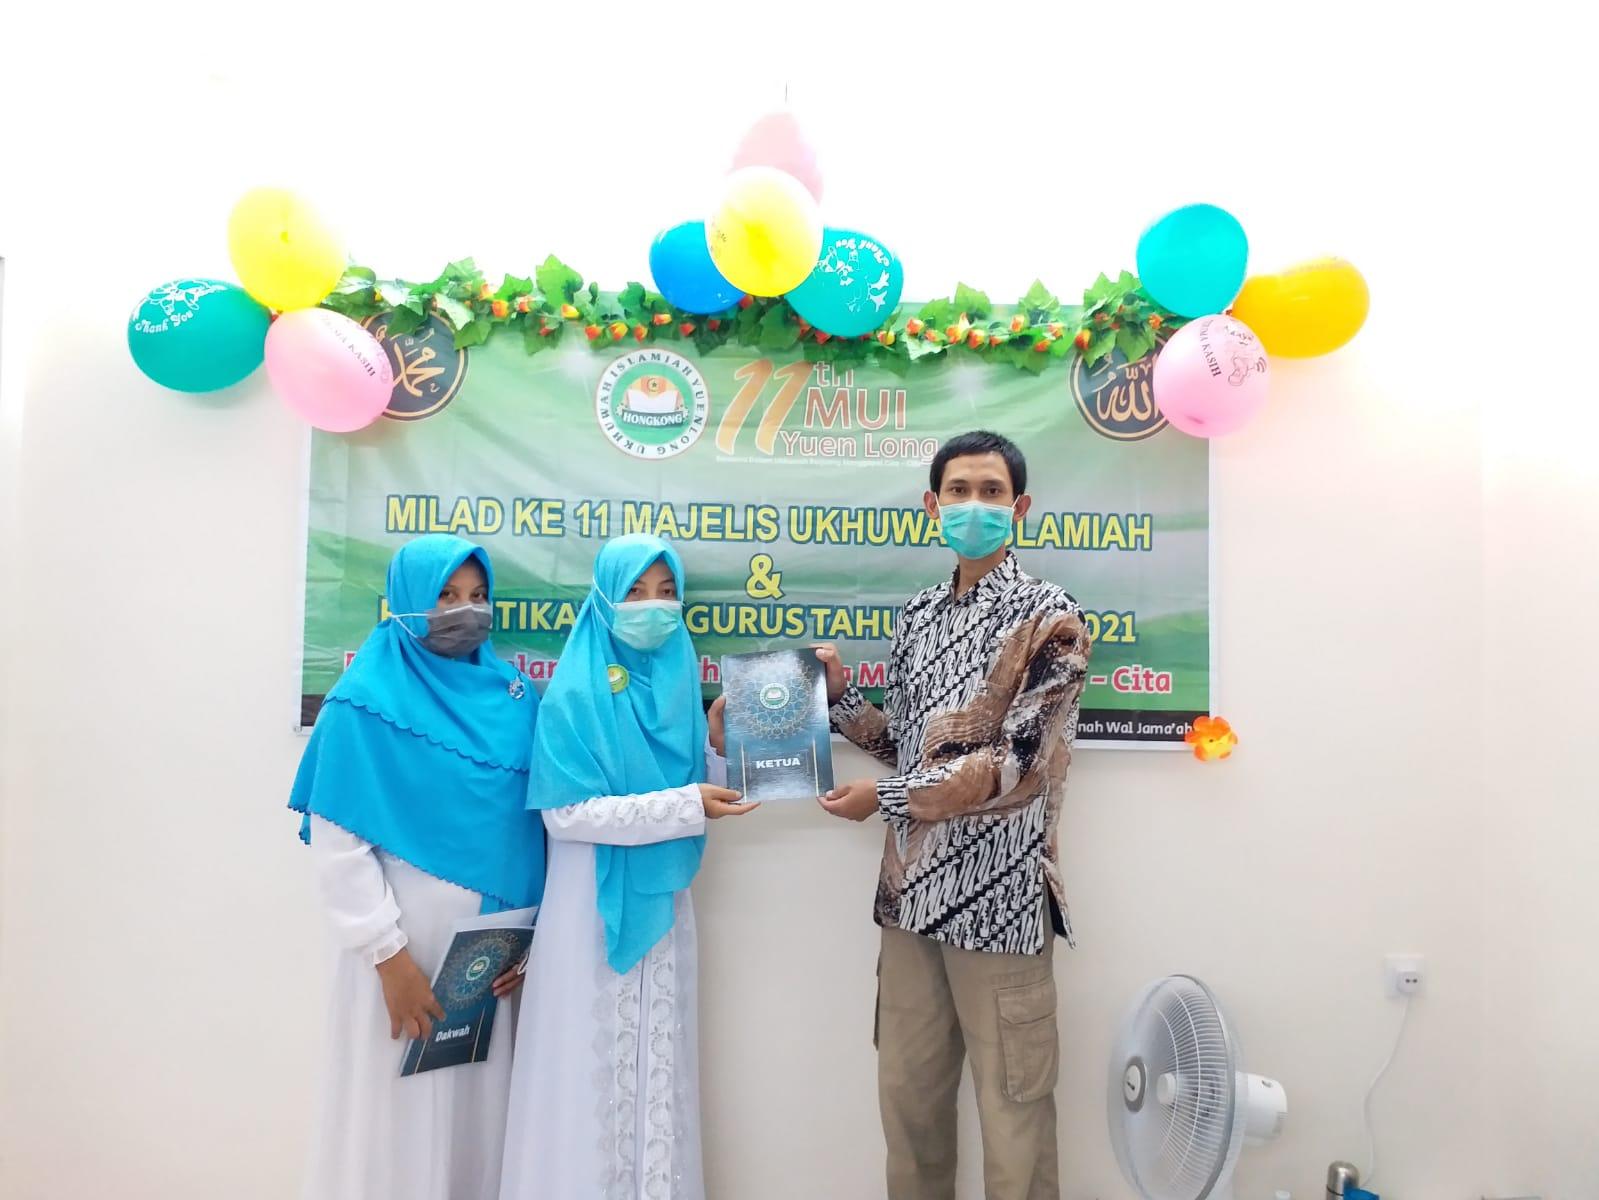 GM DDHK Hadiri Milad ke-11 Majelis Ukhuwah Islamiyah